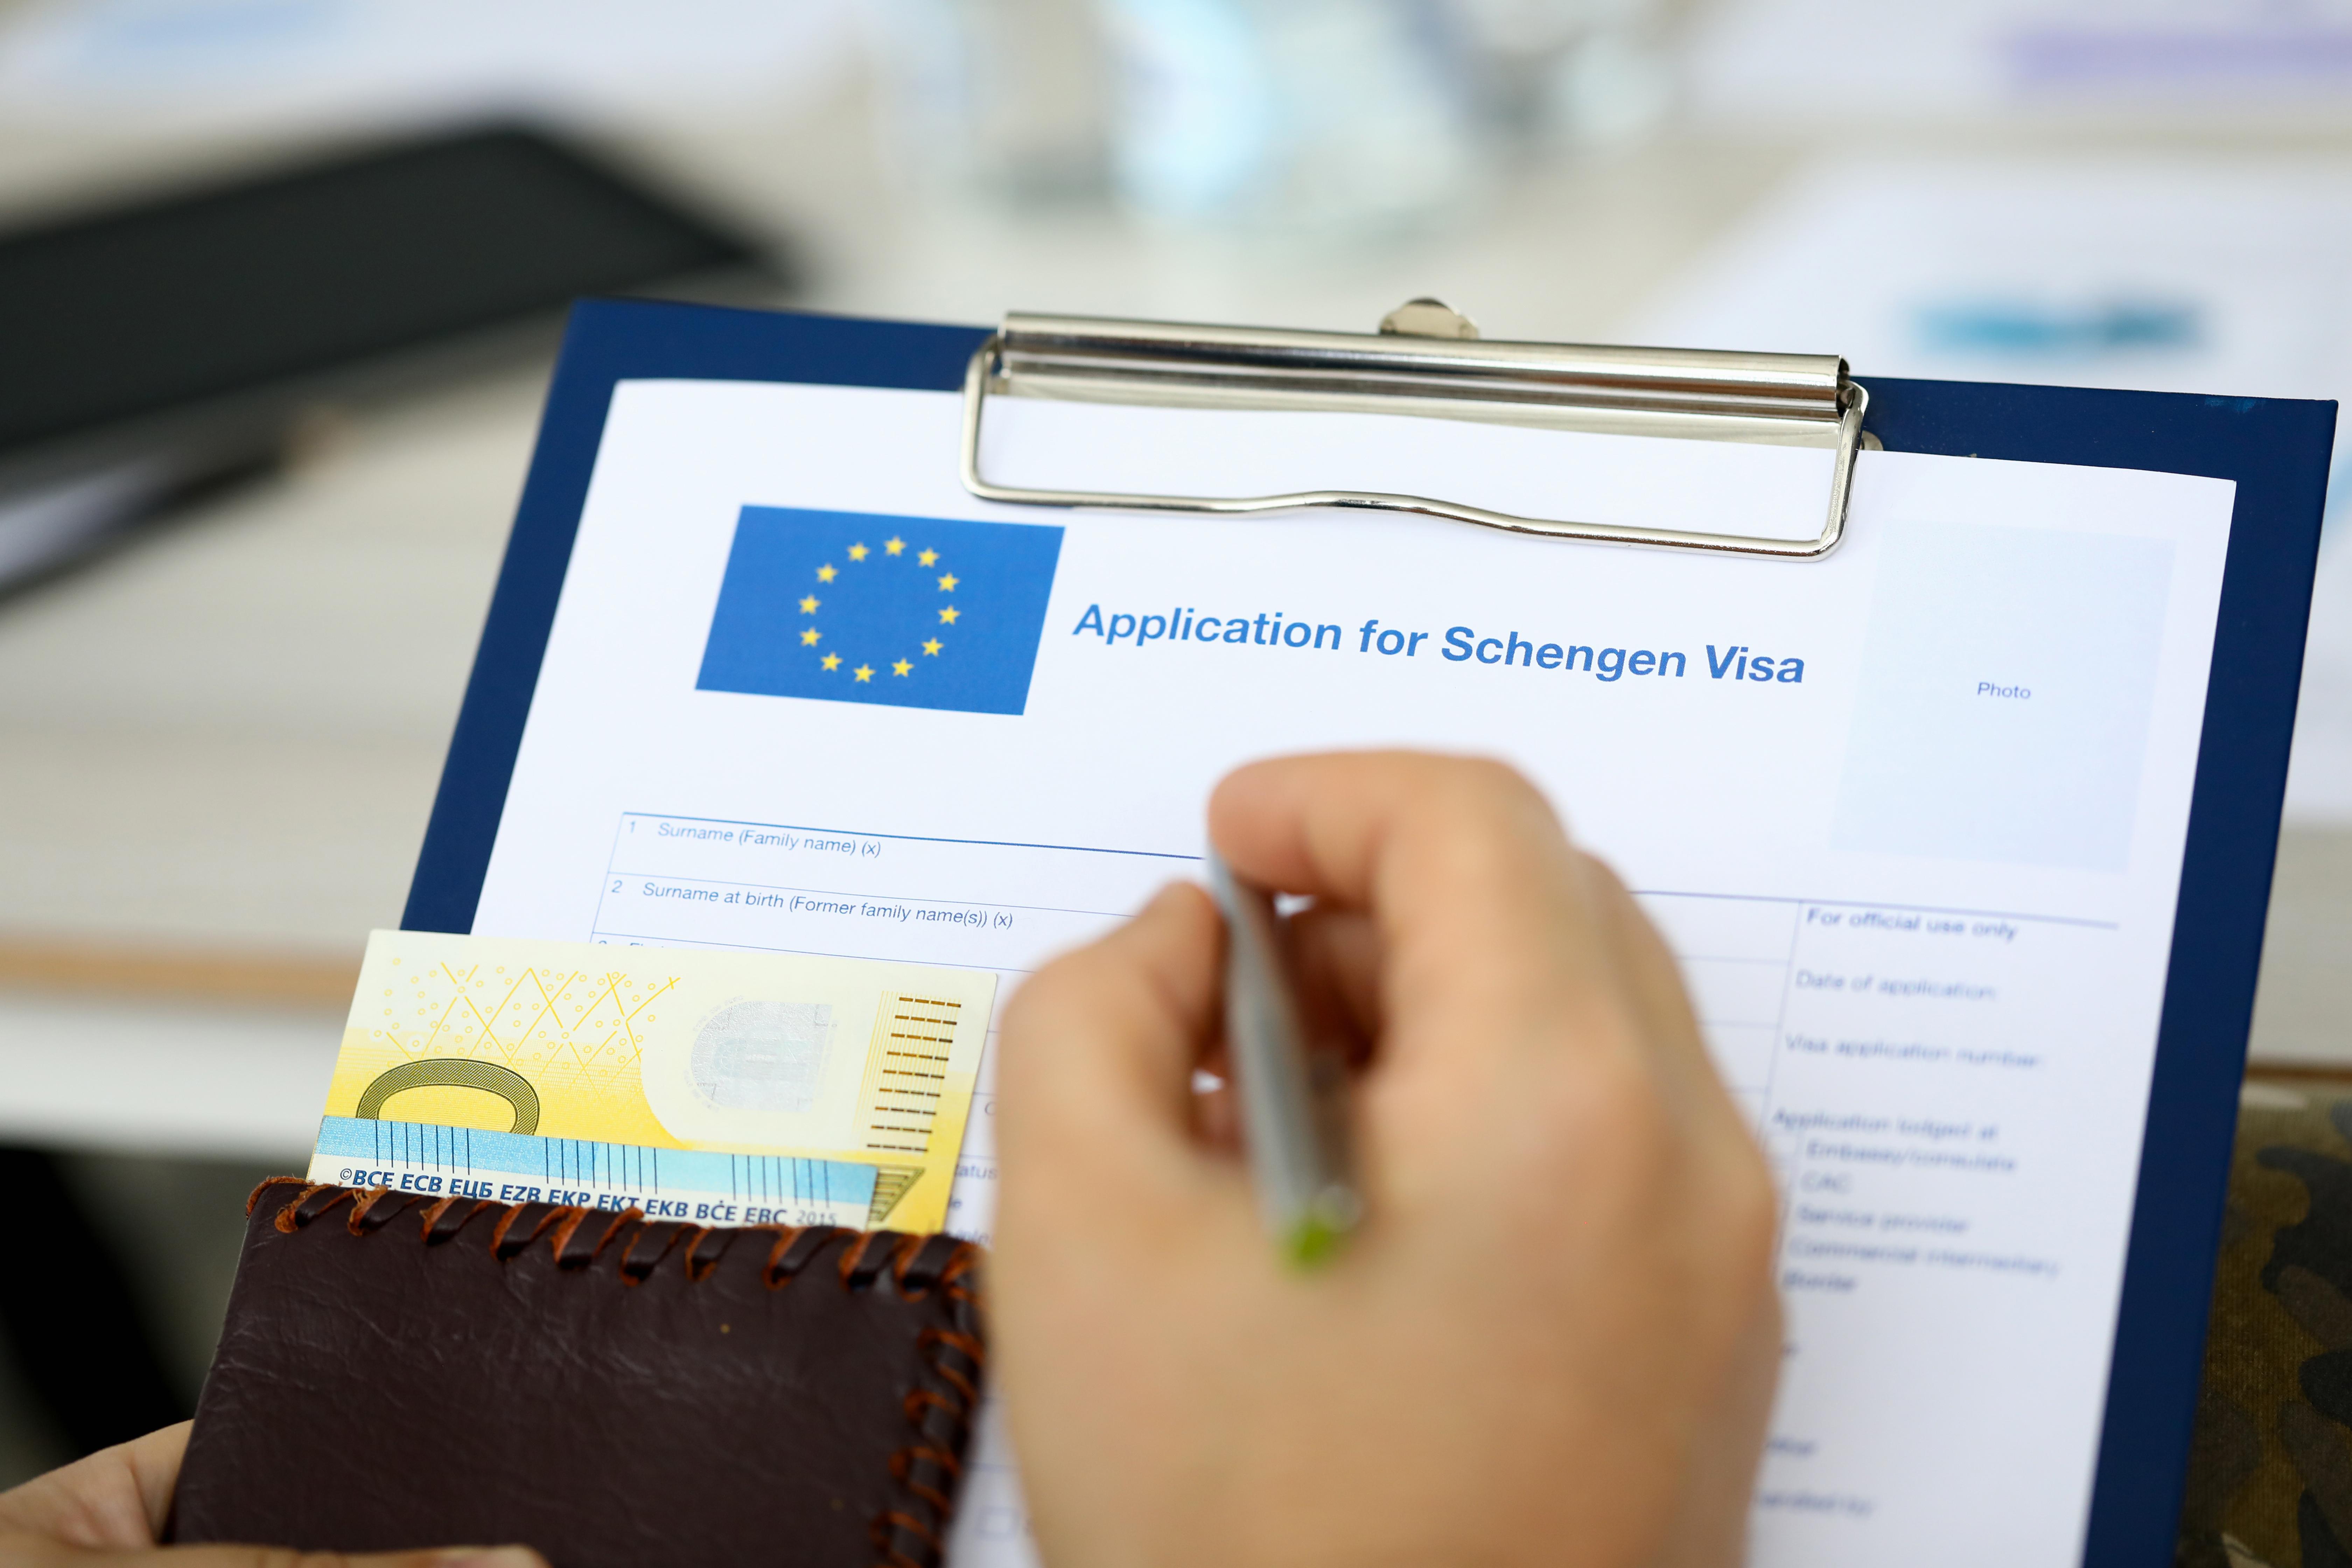 Шенгенская виза, для оформления которой надо сделать фото